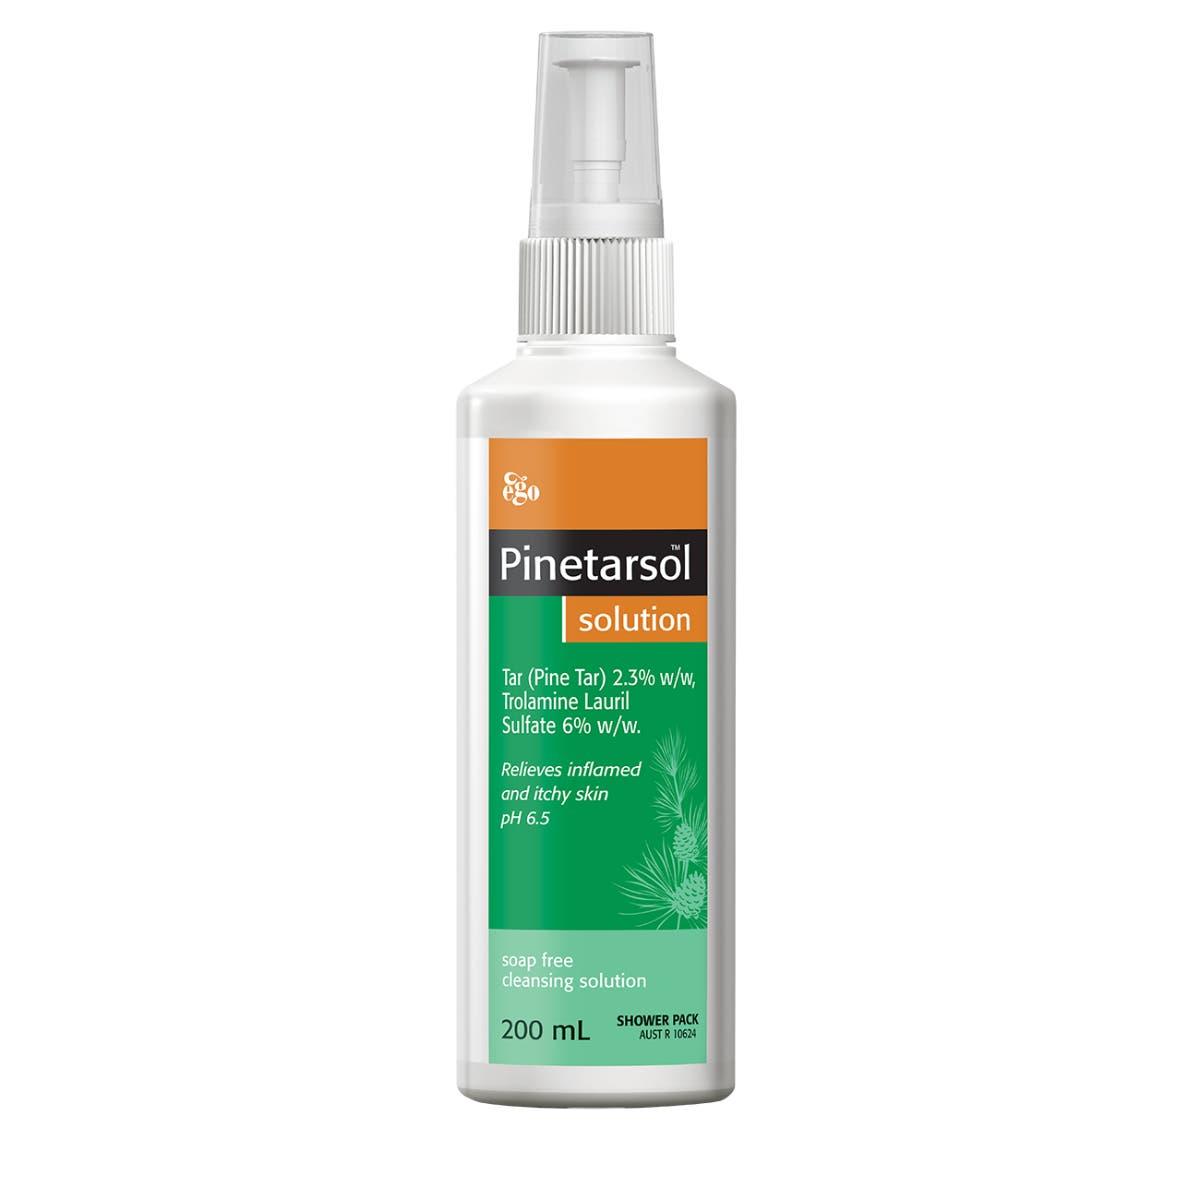 Pinetarsol Solution - Shower Pack 200mL